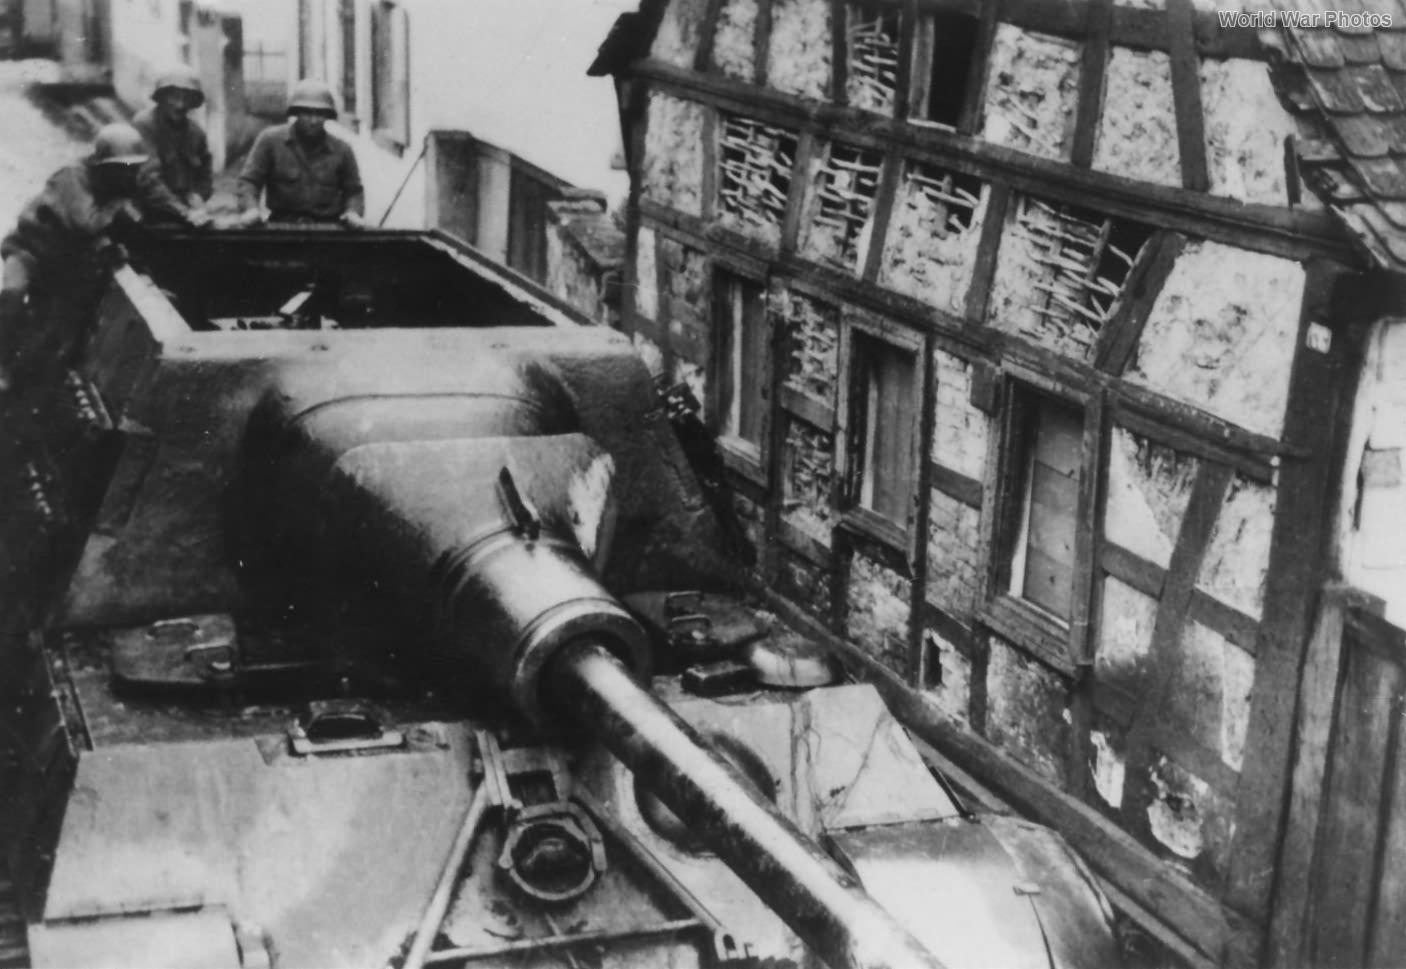 Jagdtiger 224 at Iggelheim 1945